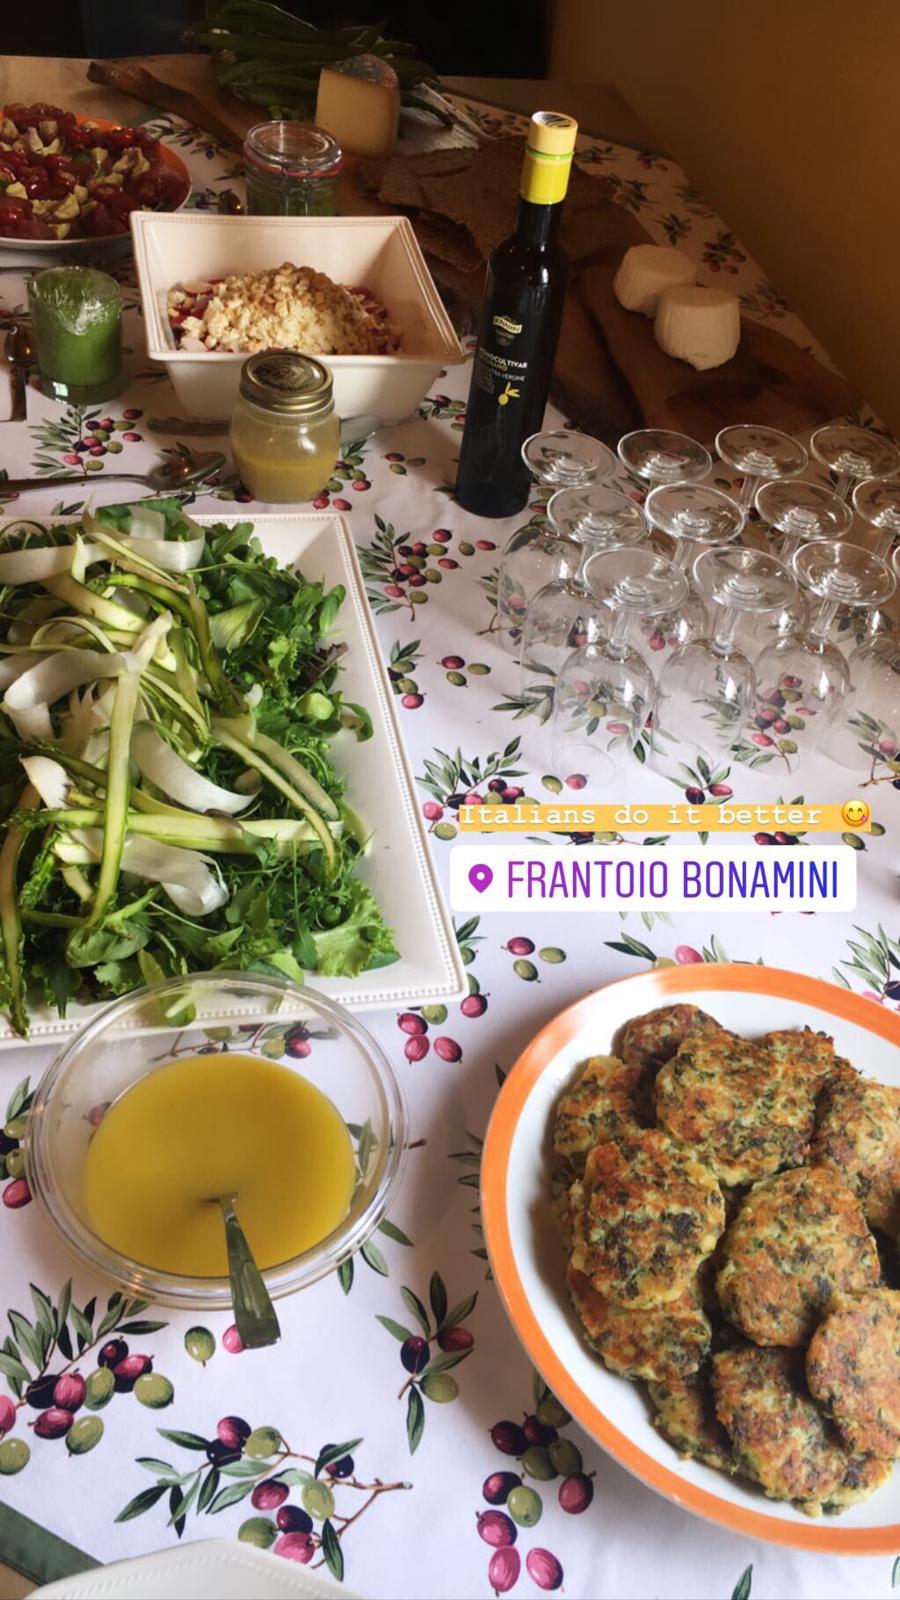 Antonia polese autore a antonia polese maestra di cucina ricette e news - Corsi di cucina verona ...